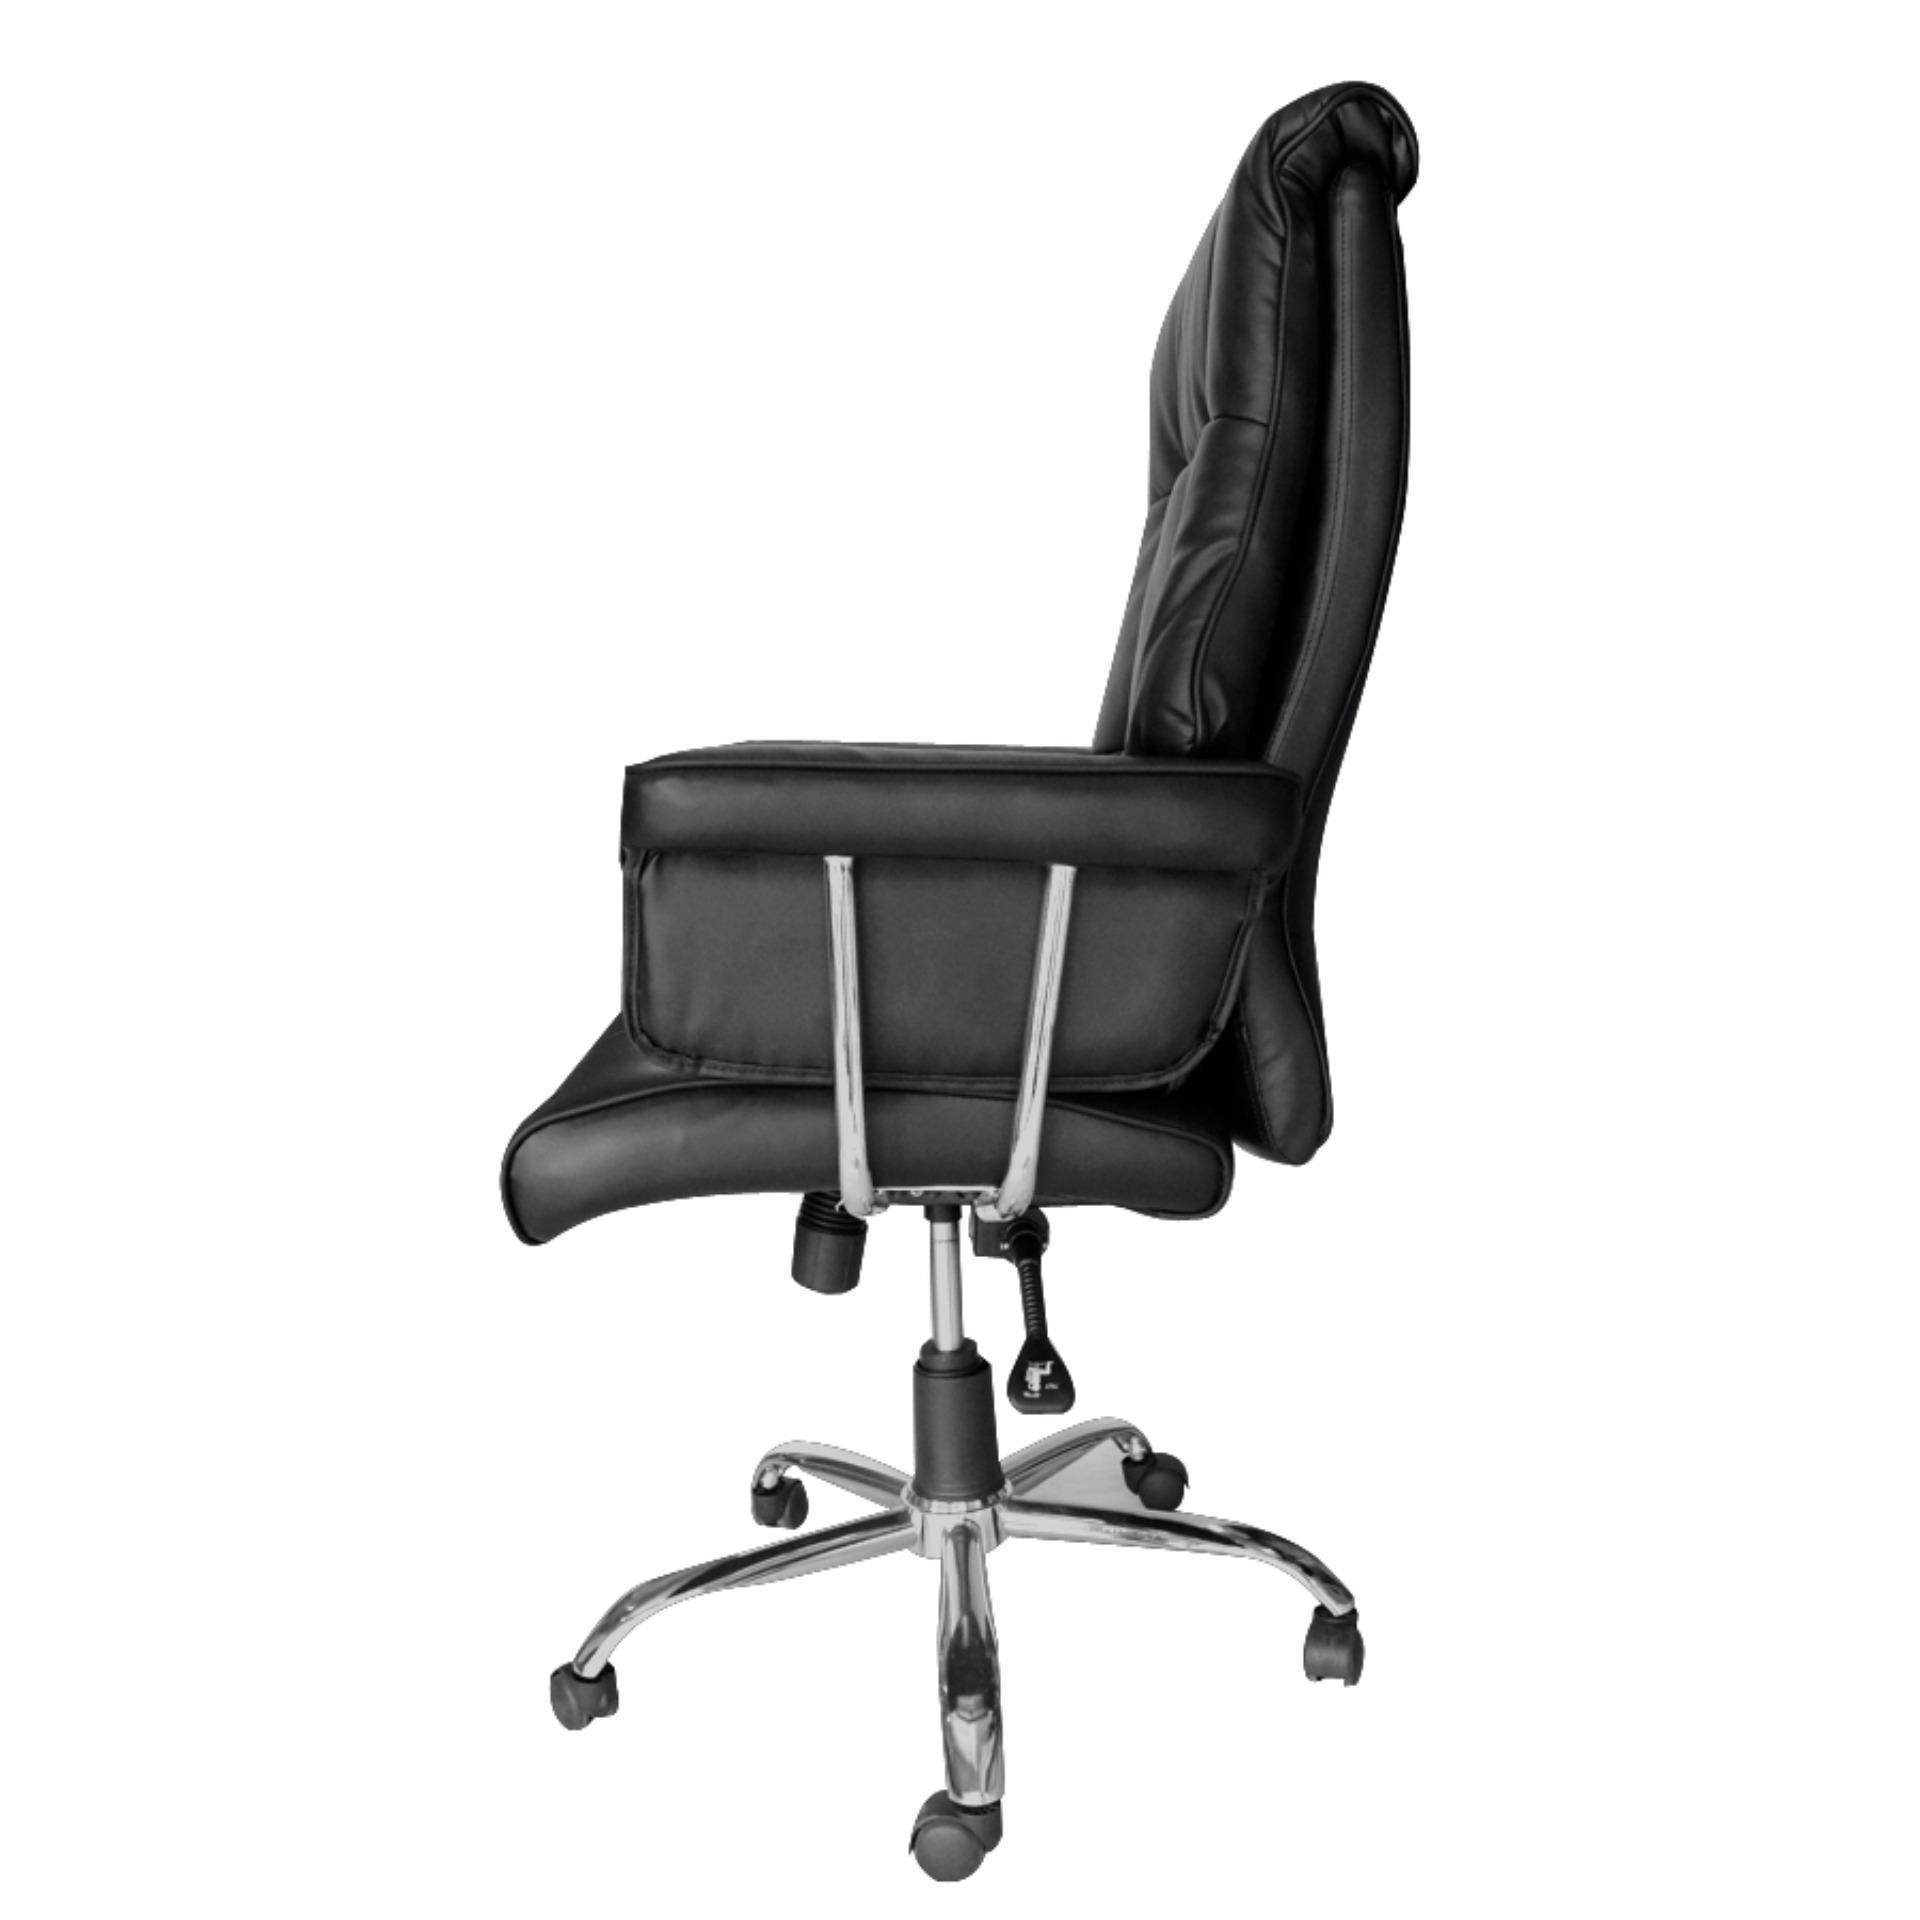 president office chair. Ergodynamic PRESIDENT Reclining President\u0027s High Back Office Chair (Black) President O